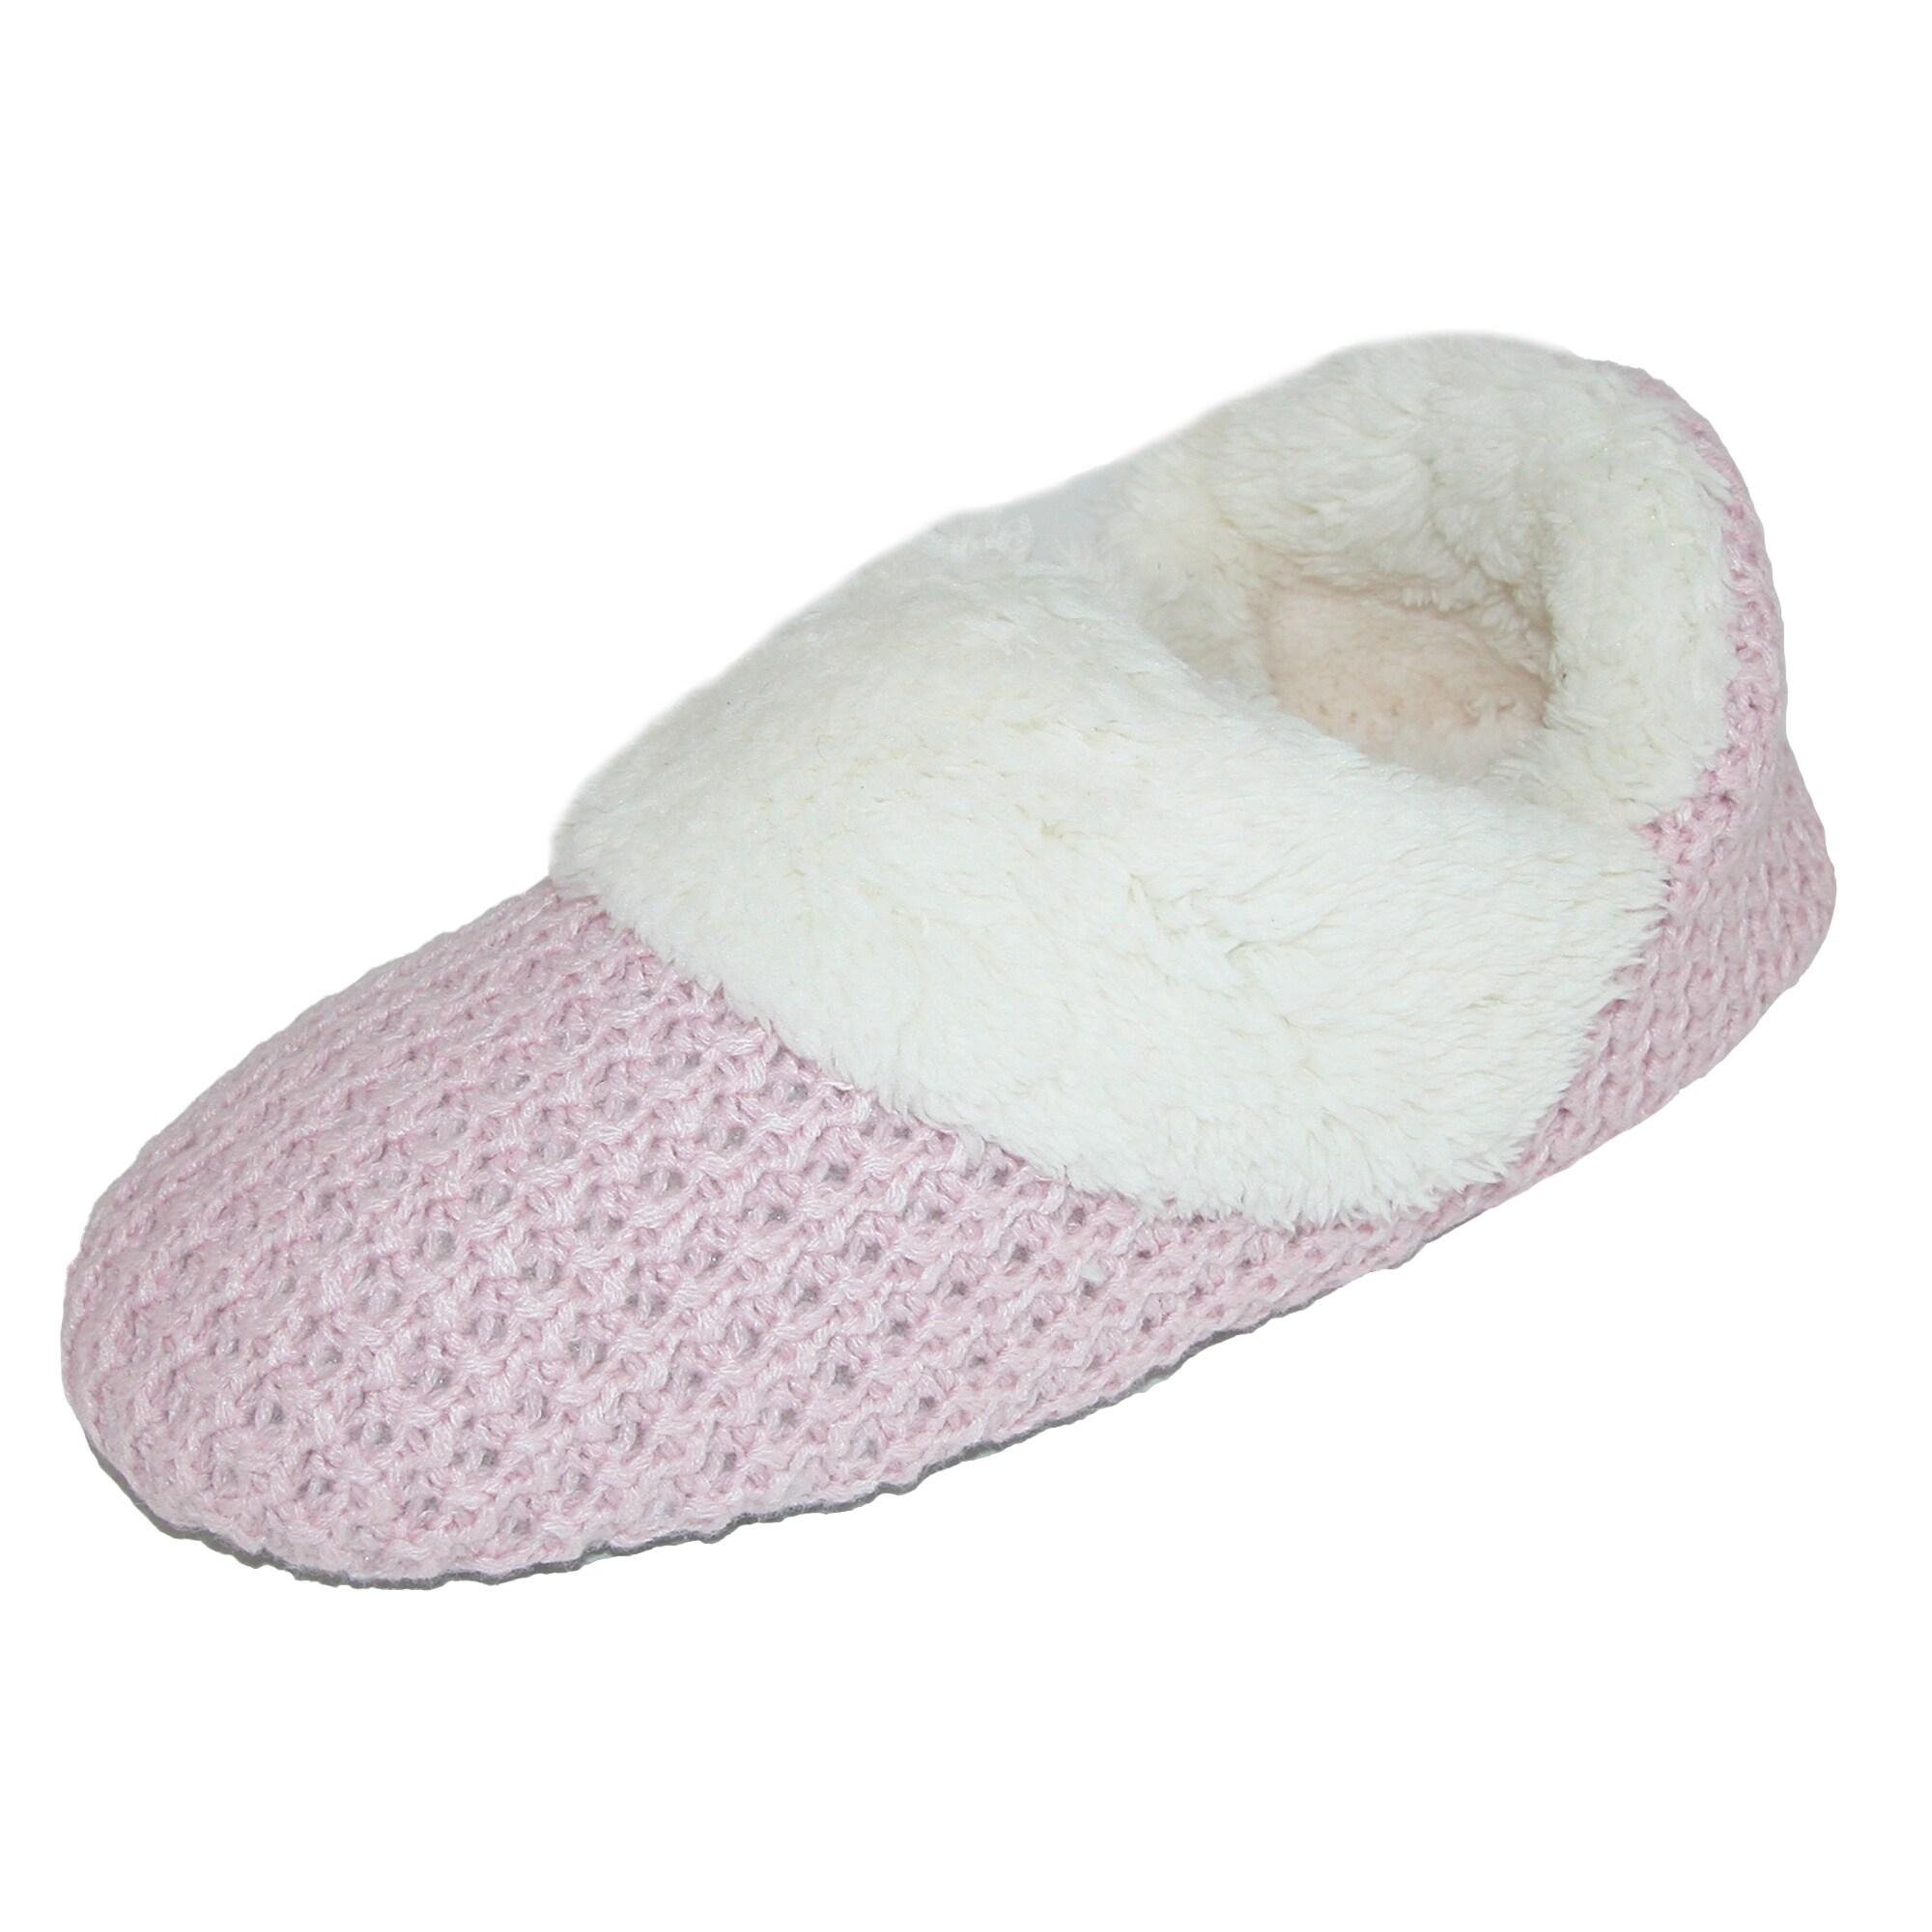 Women's Dearfoams Sweater Knit ... Slippers GLHG1lwb